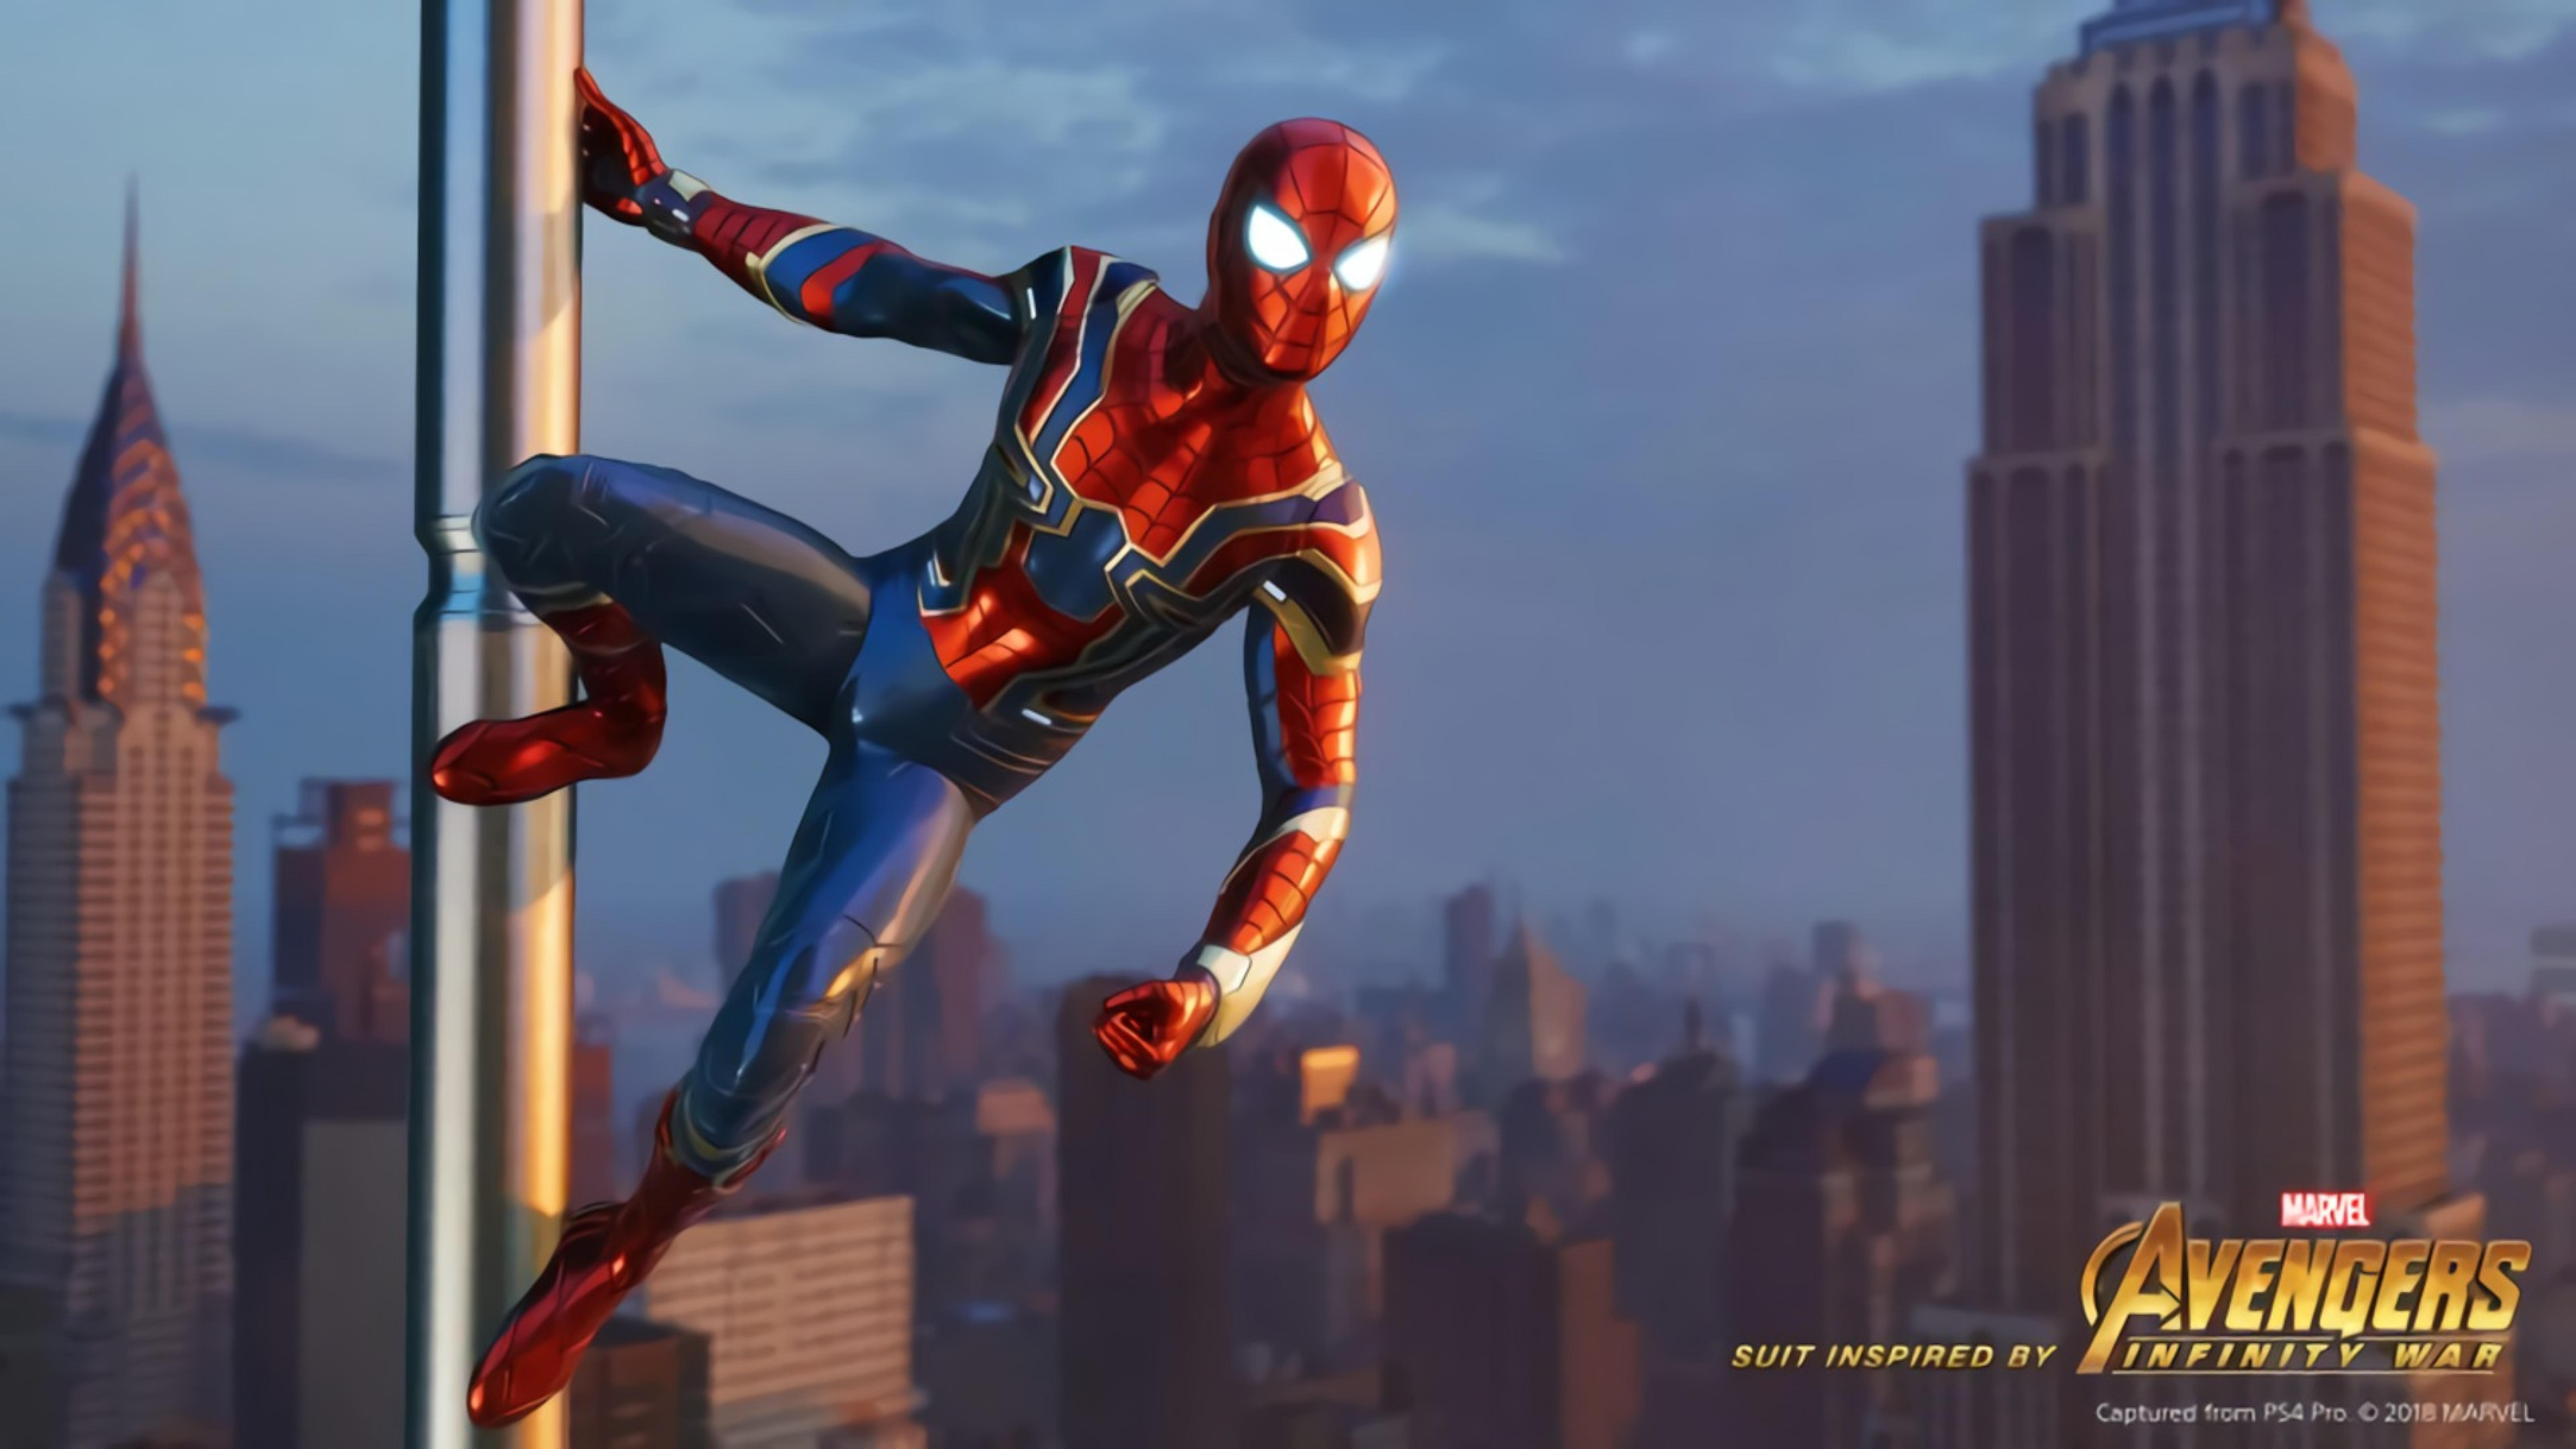 7680x4320 Avengers Infinity War Iron Spider In Spider Man